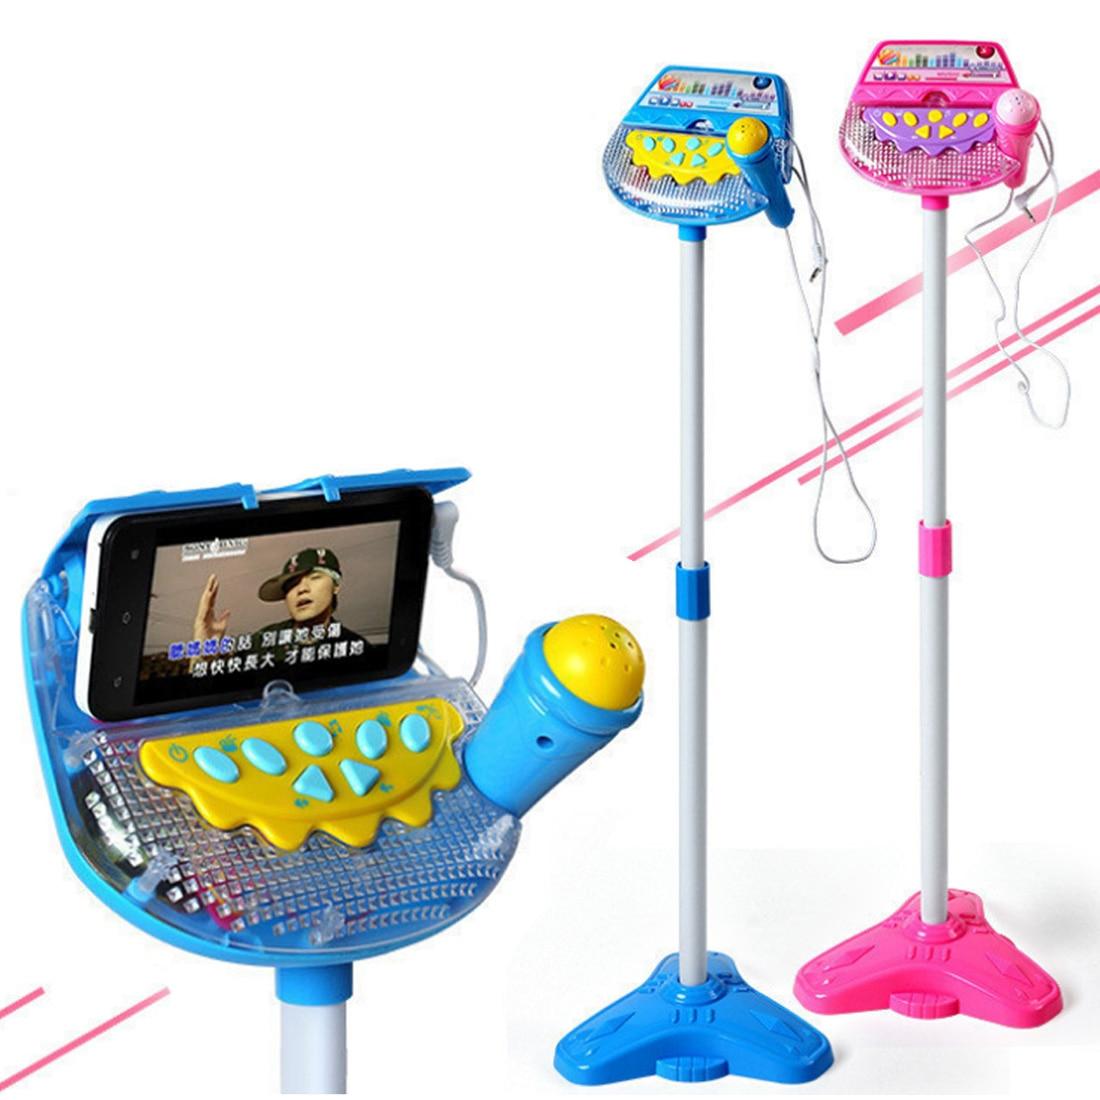 Surwish niños educación temprana Juguete Musical soporte tipo micrófono de música micrófono de Karaoke ajustable